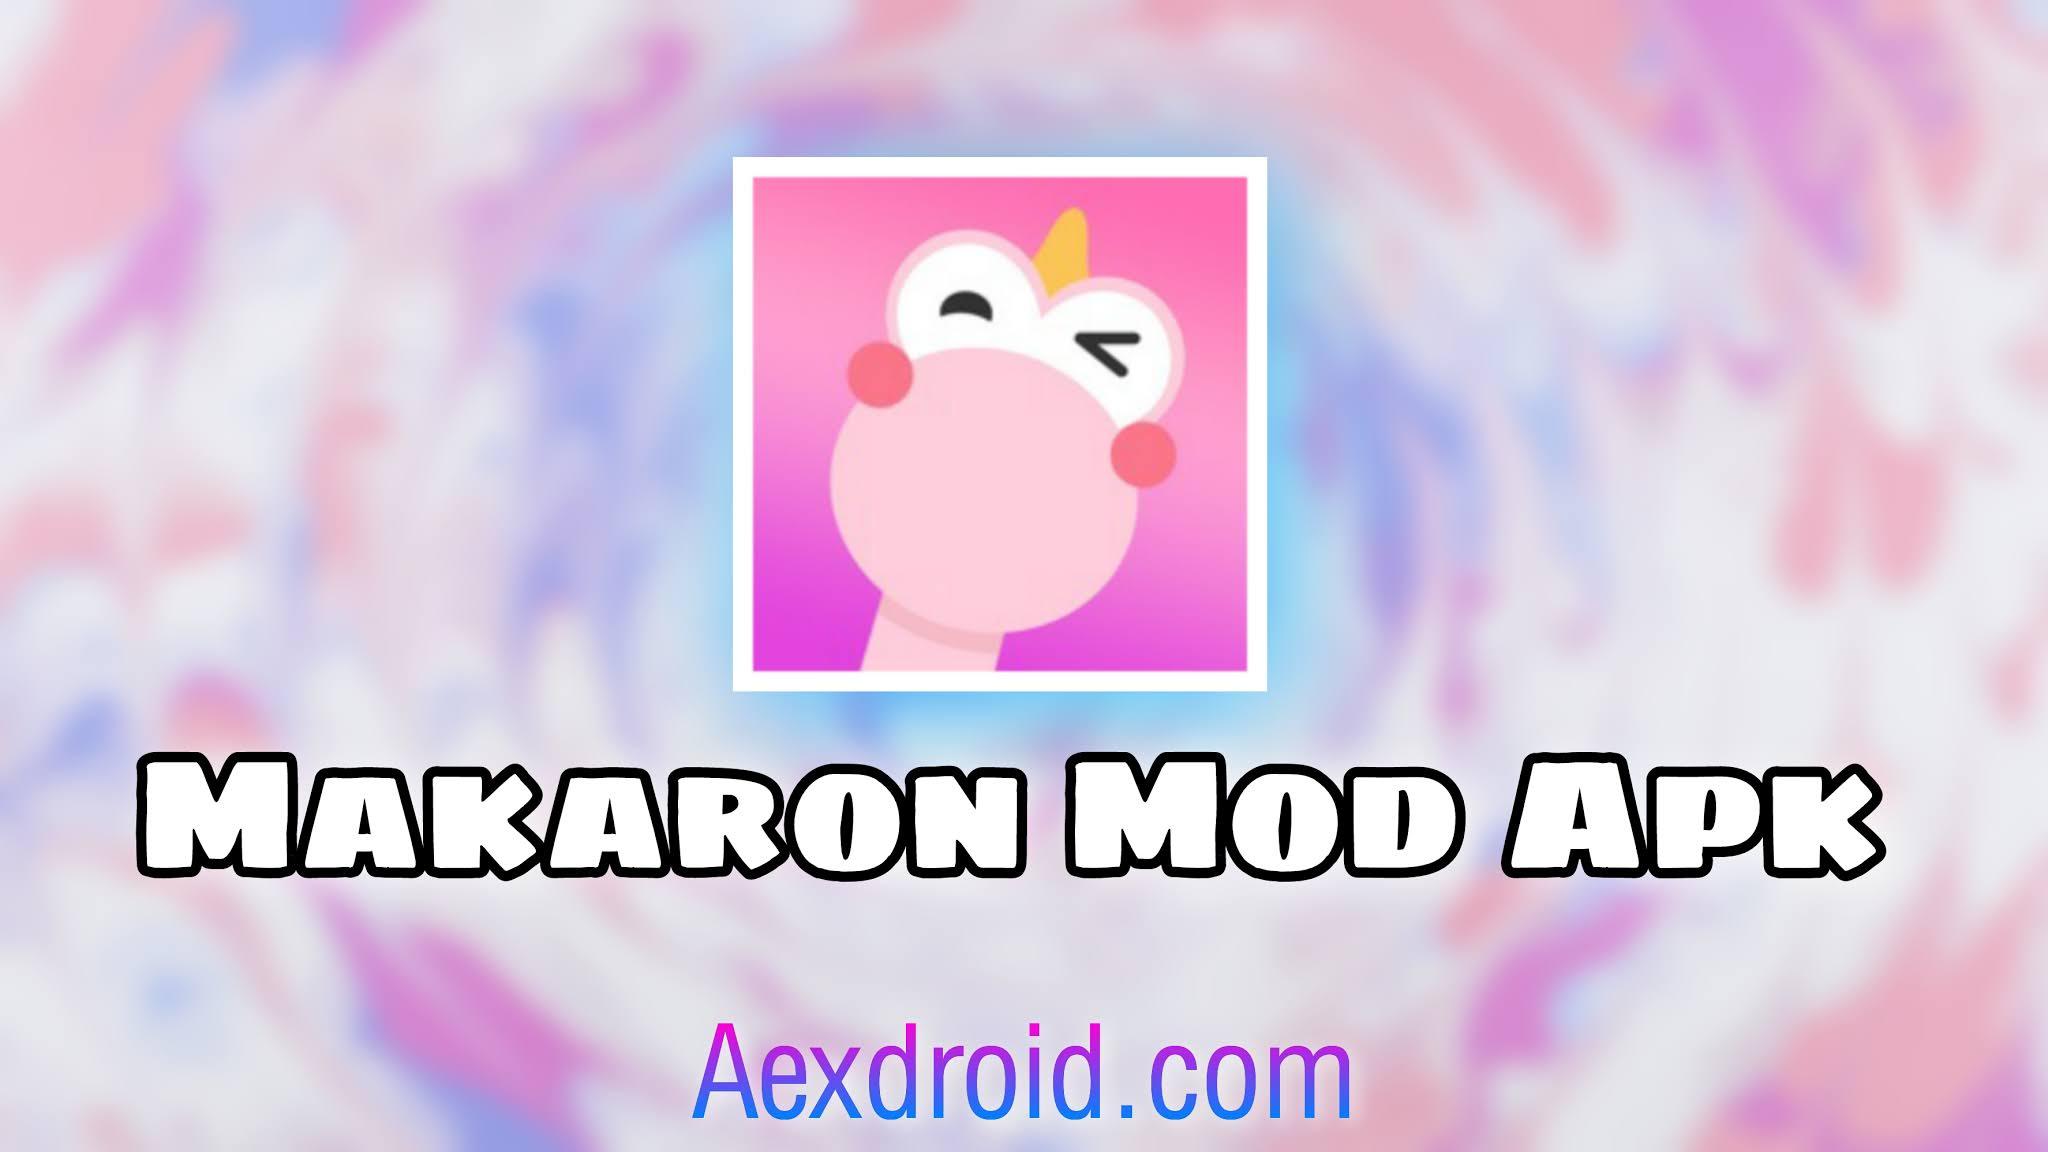 Makaron mod apk download